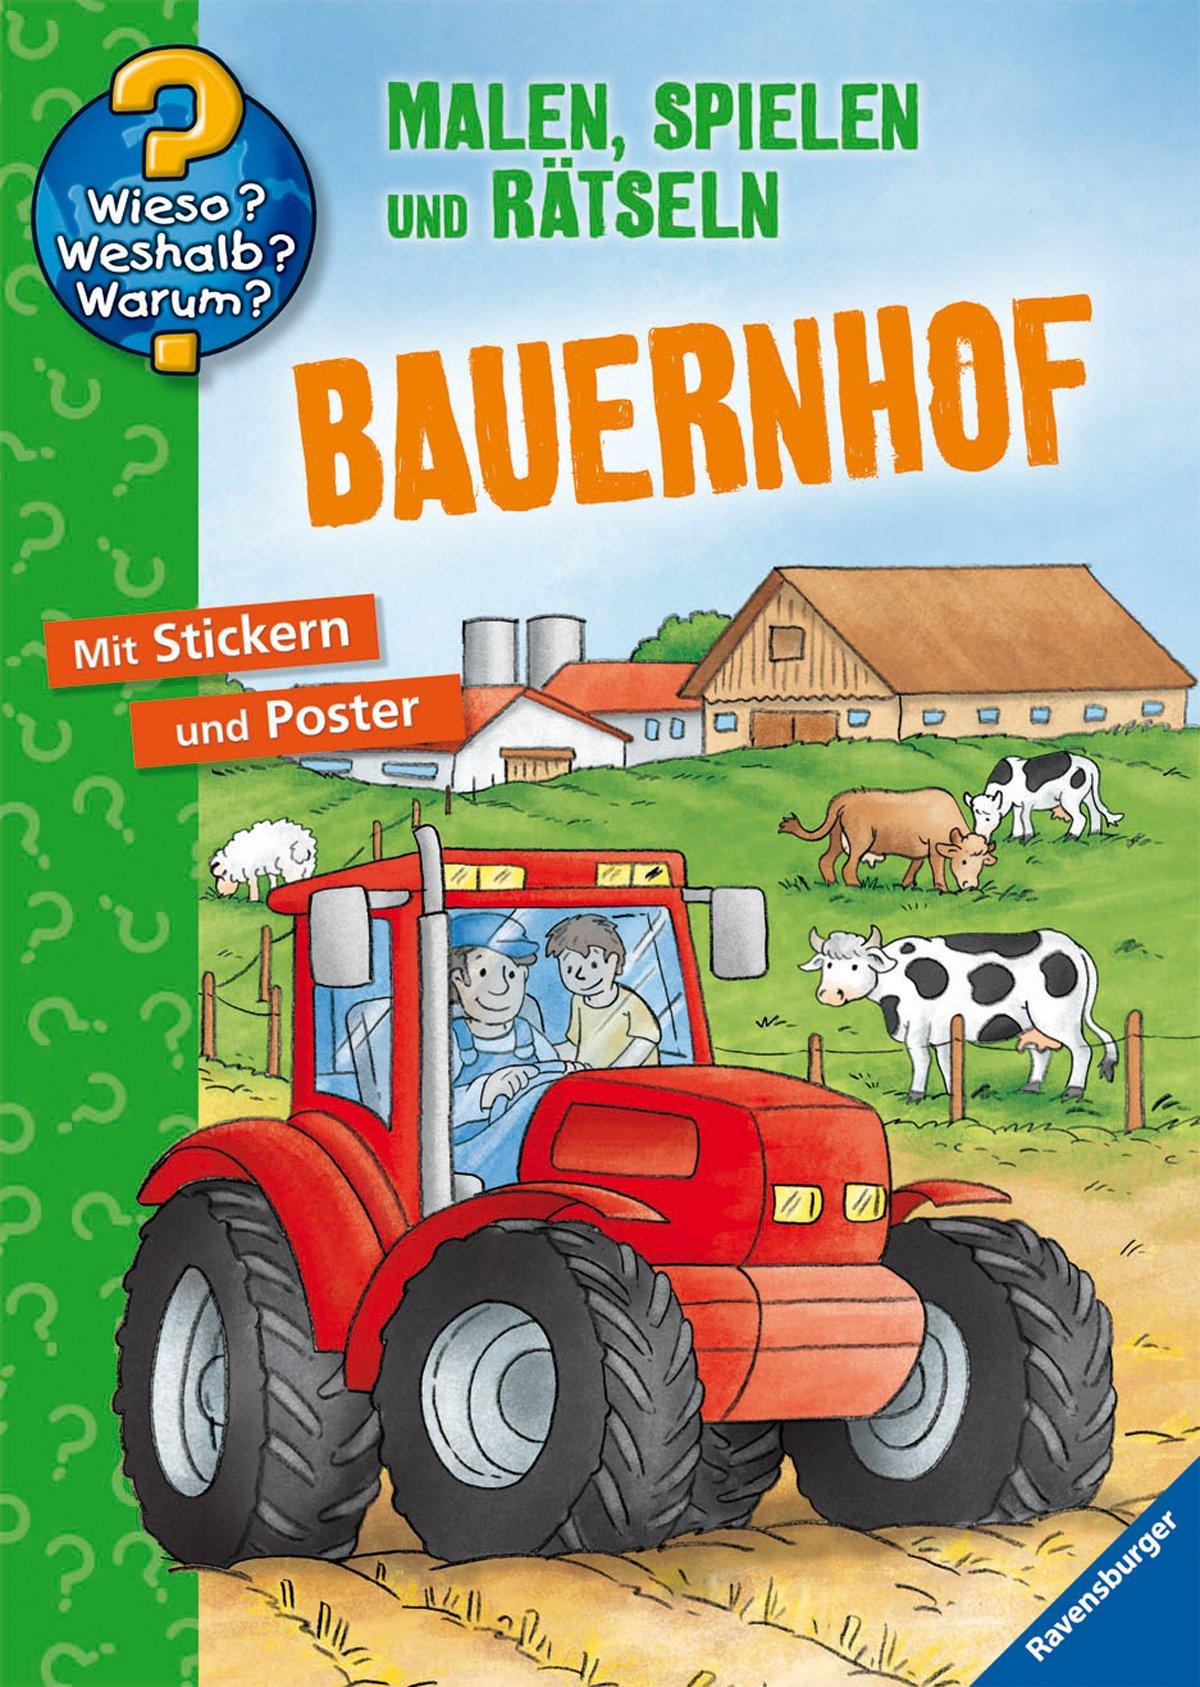 Bauernhof (Wieso? Weshalb? Warum? Malen, spielen und rätseln)